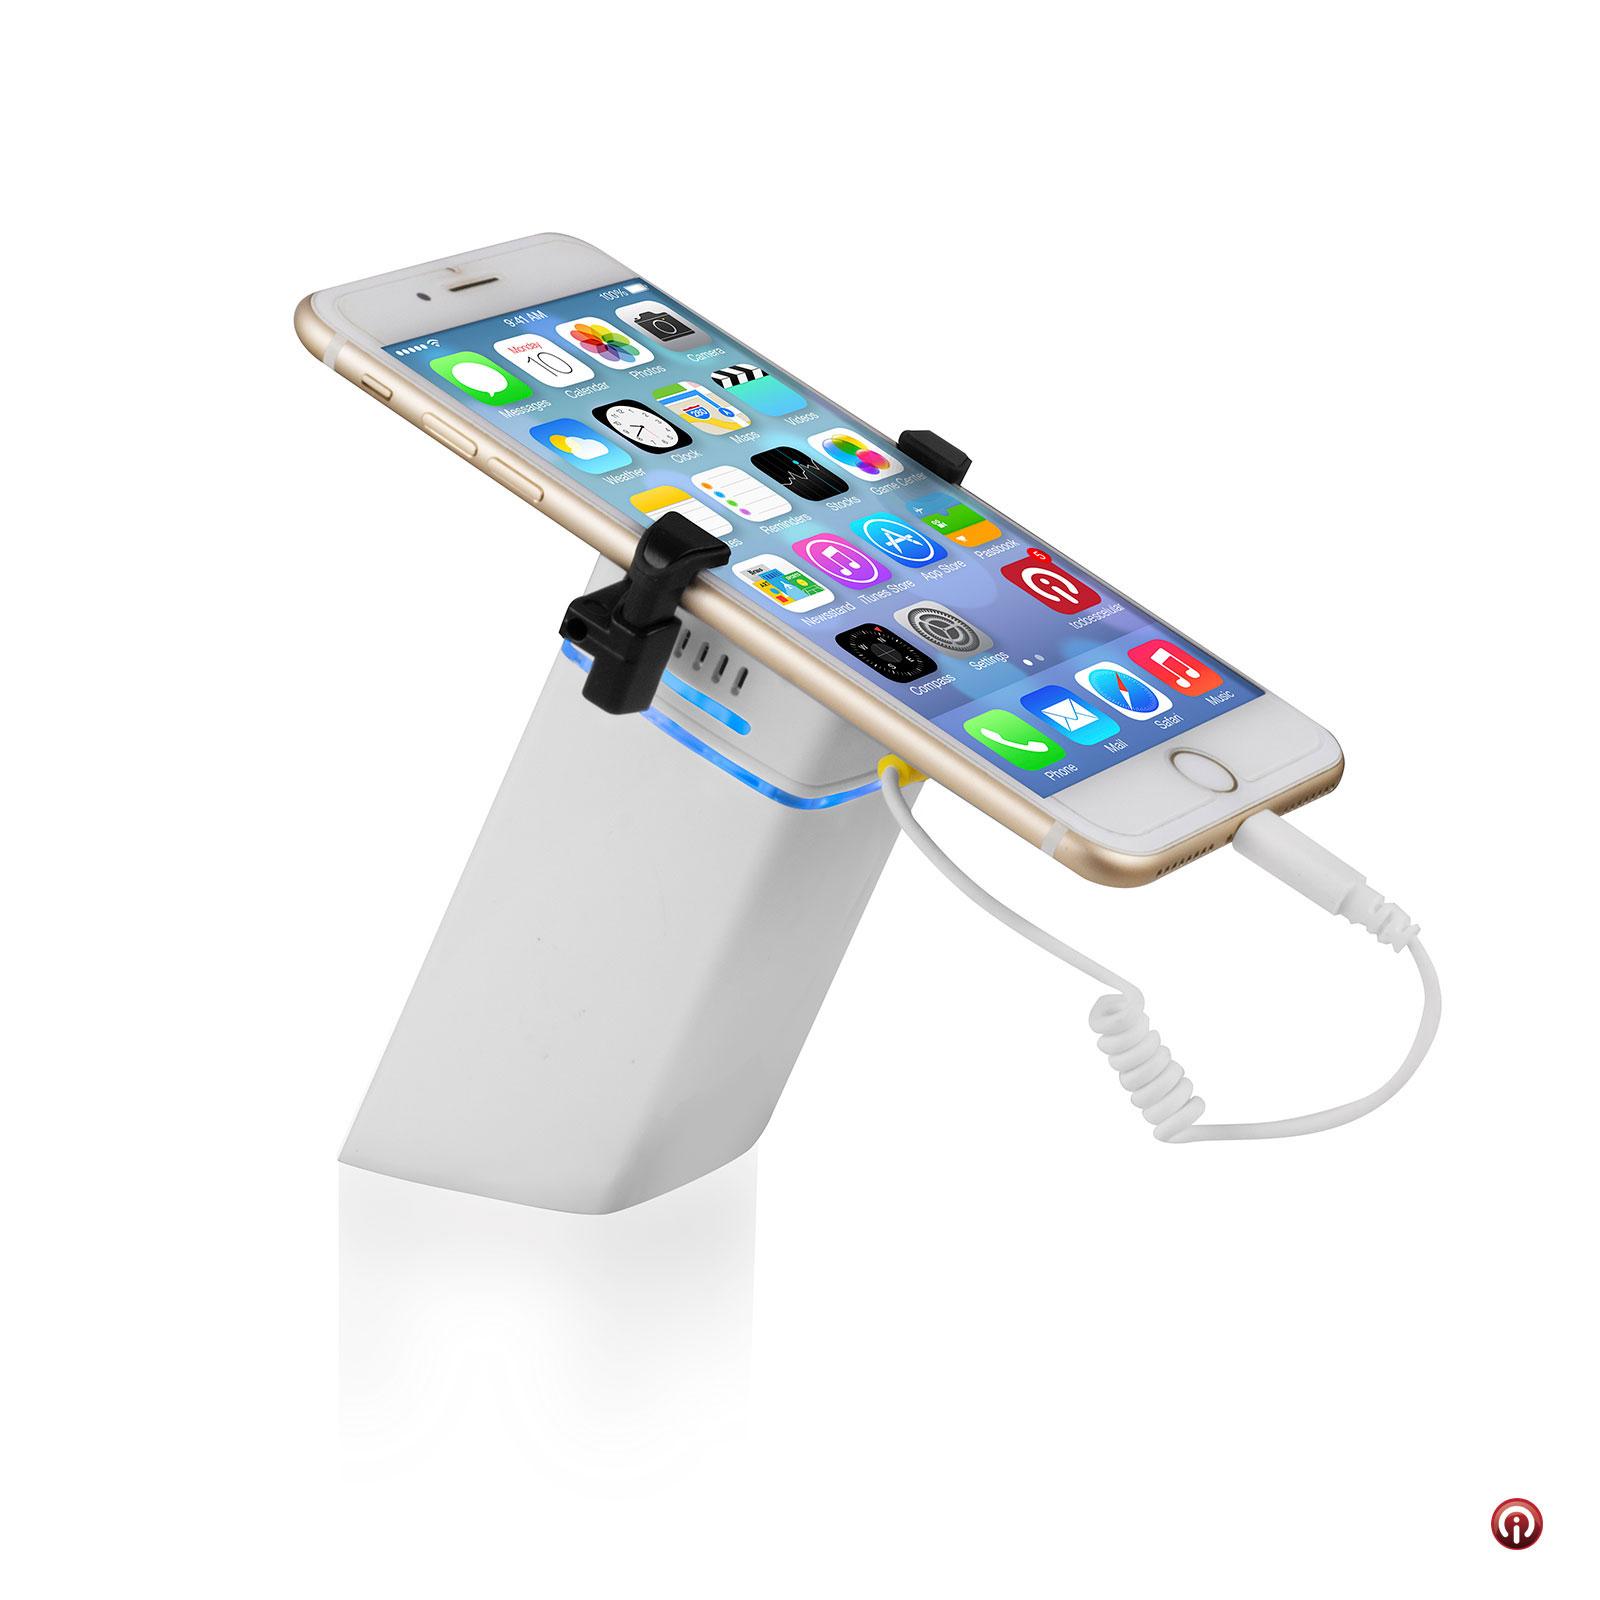 Soporte premium para exhibir iPhone